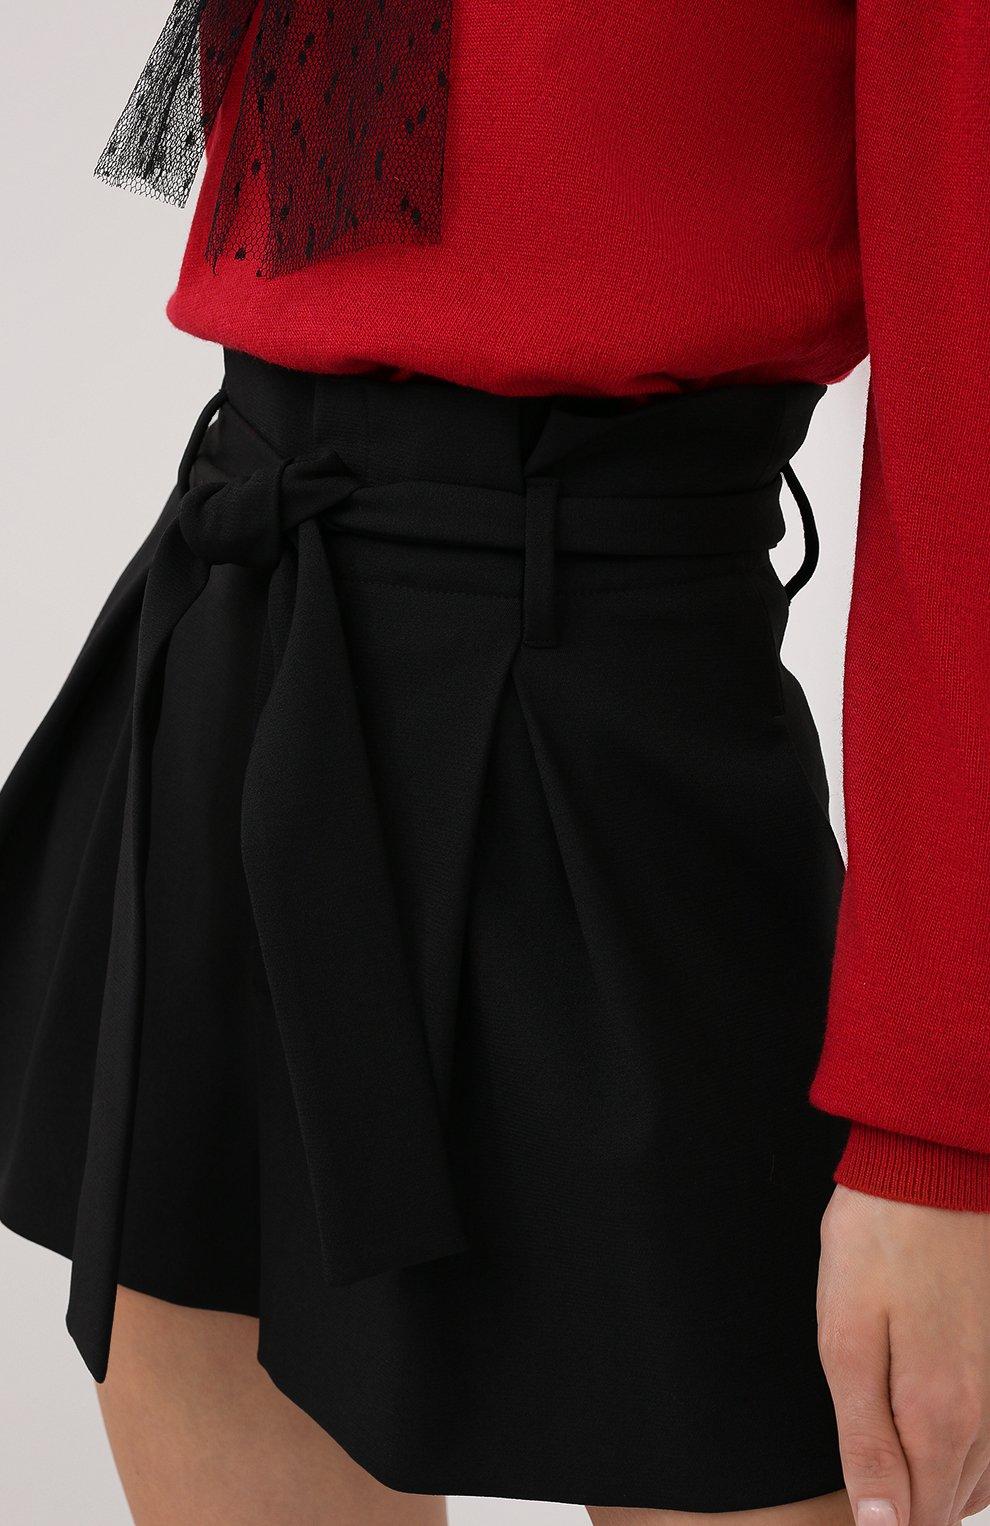 Женские шорты REDVALENTINO черного цвета, арт. UR3RFD75/0VM | Фото 5 (Женское Кросс-КТ: Шорты-одежда; Длина Ж (юбки, платья, шорты): Мини; Материал внешний: Синтетический материал; Стили: Романтичный, Кэжуэл)